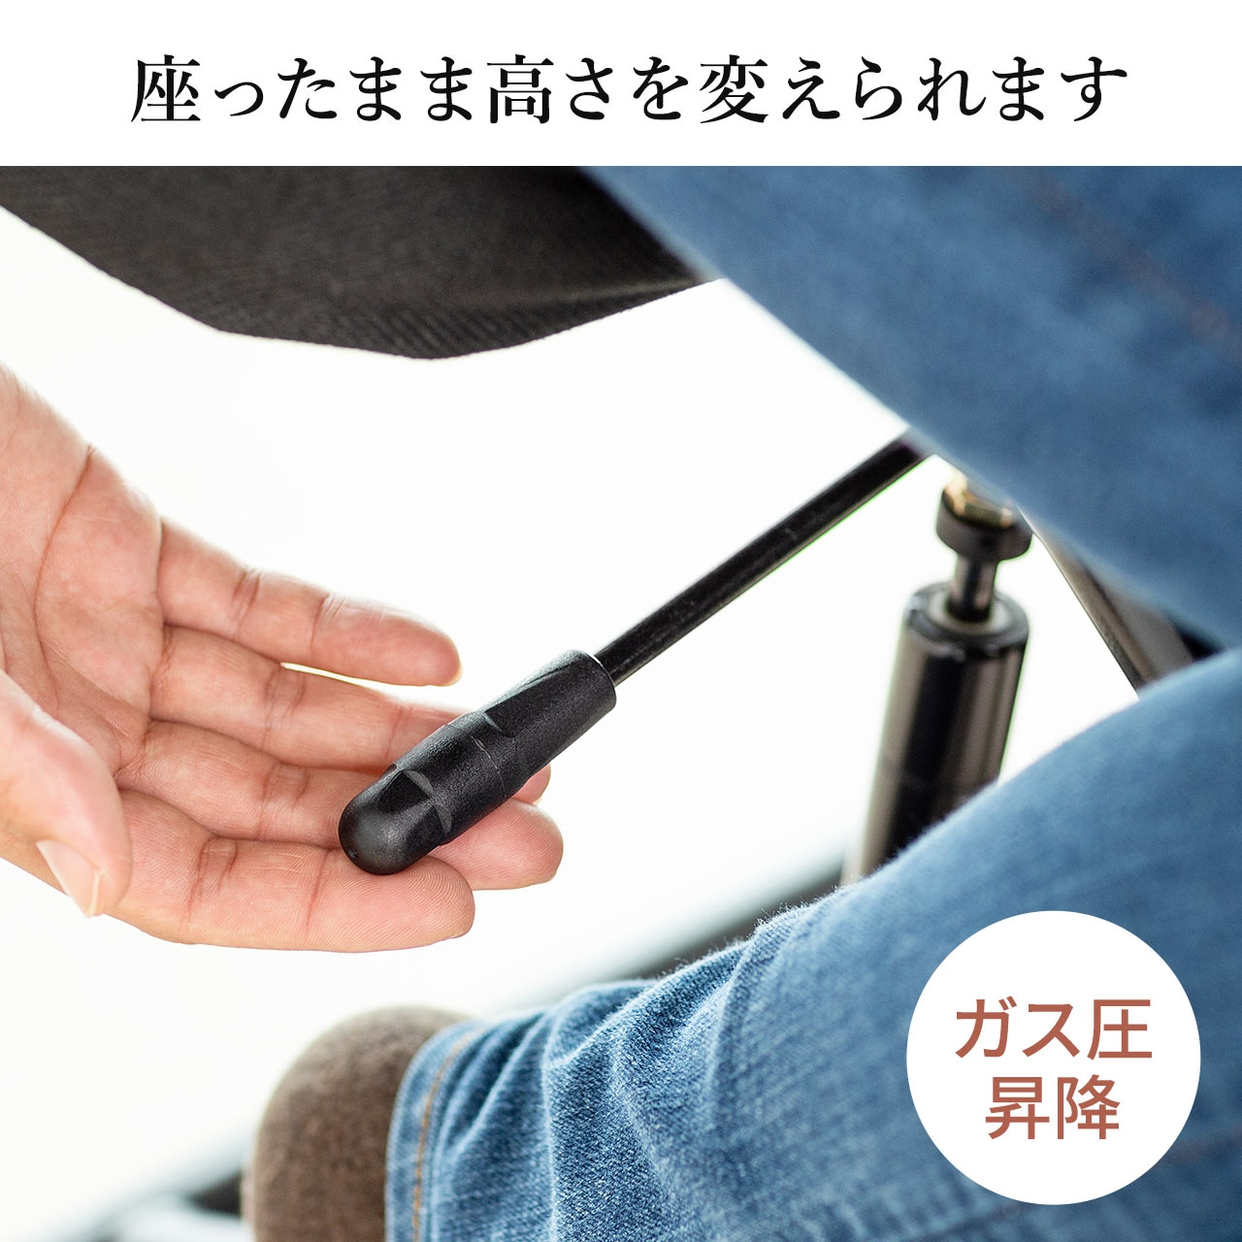 SANWA SUPPLY(サンワサプライ) バランスチェア 150-SNCH018の商品画像5